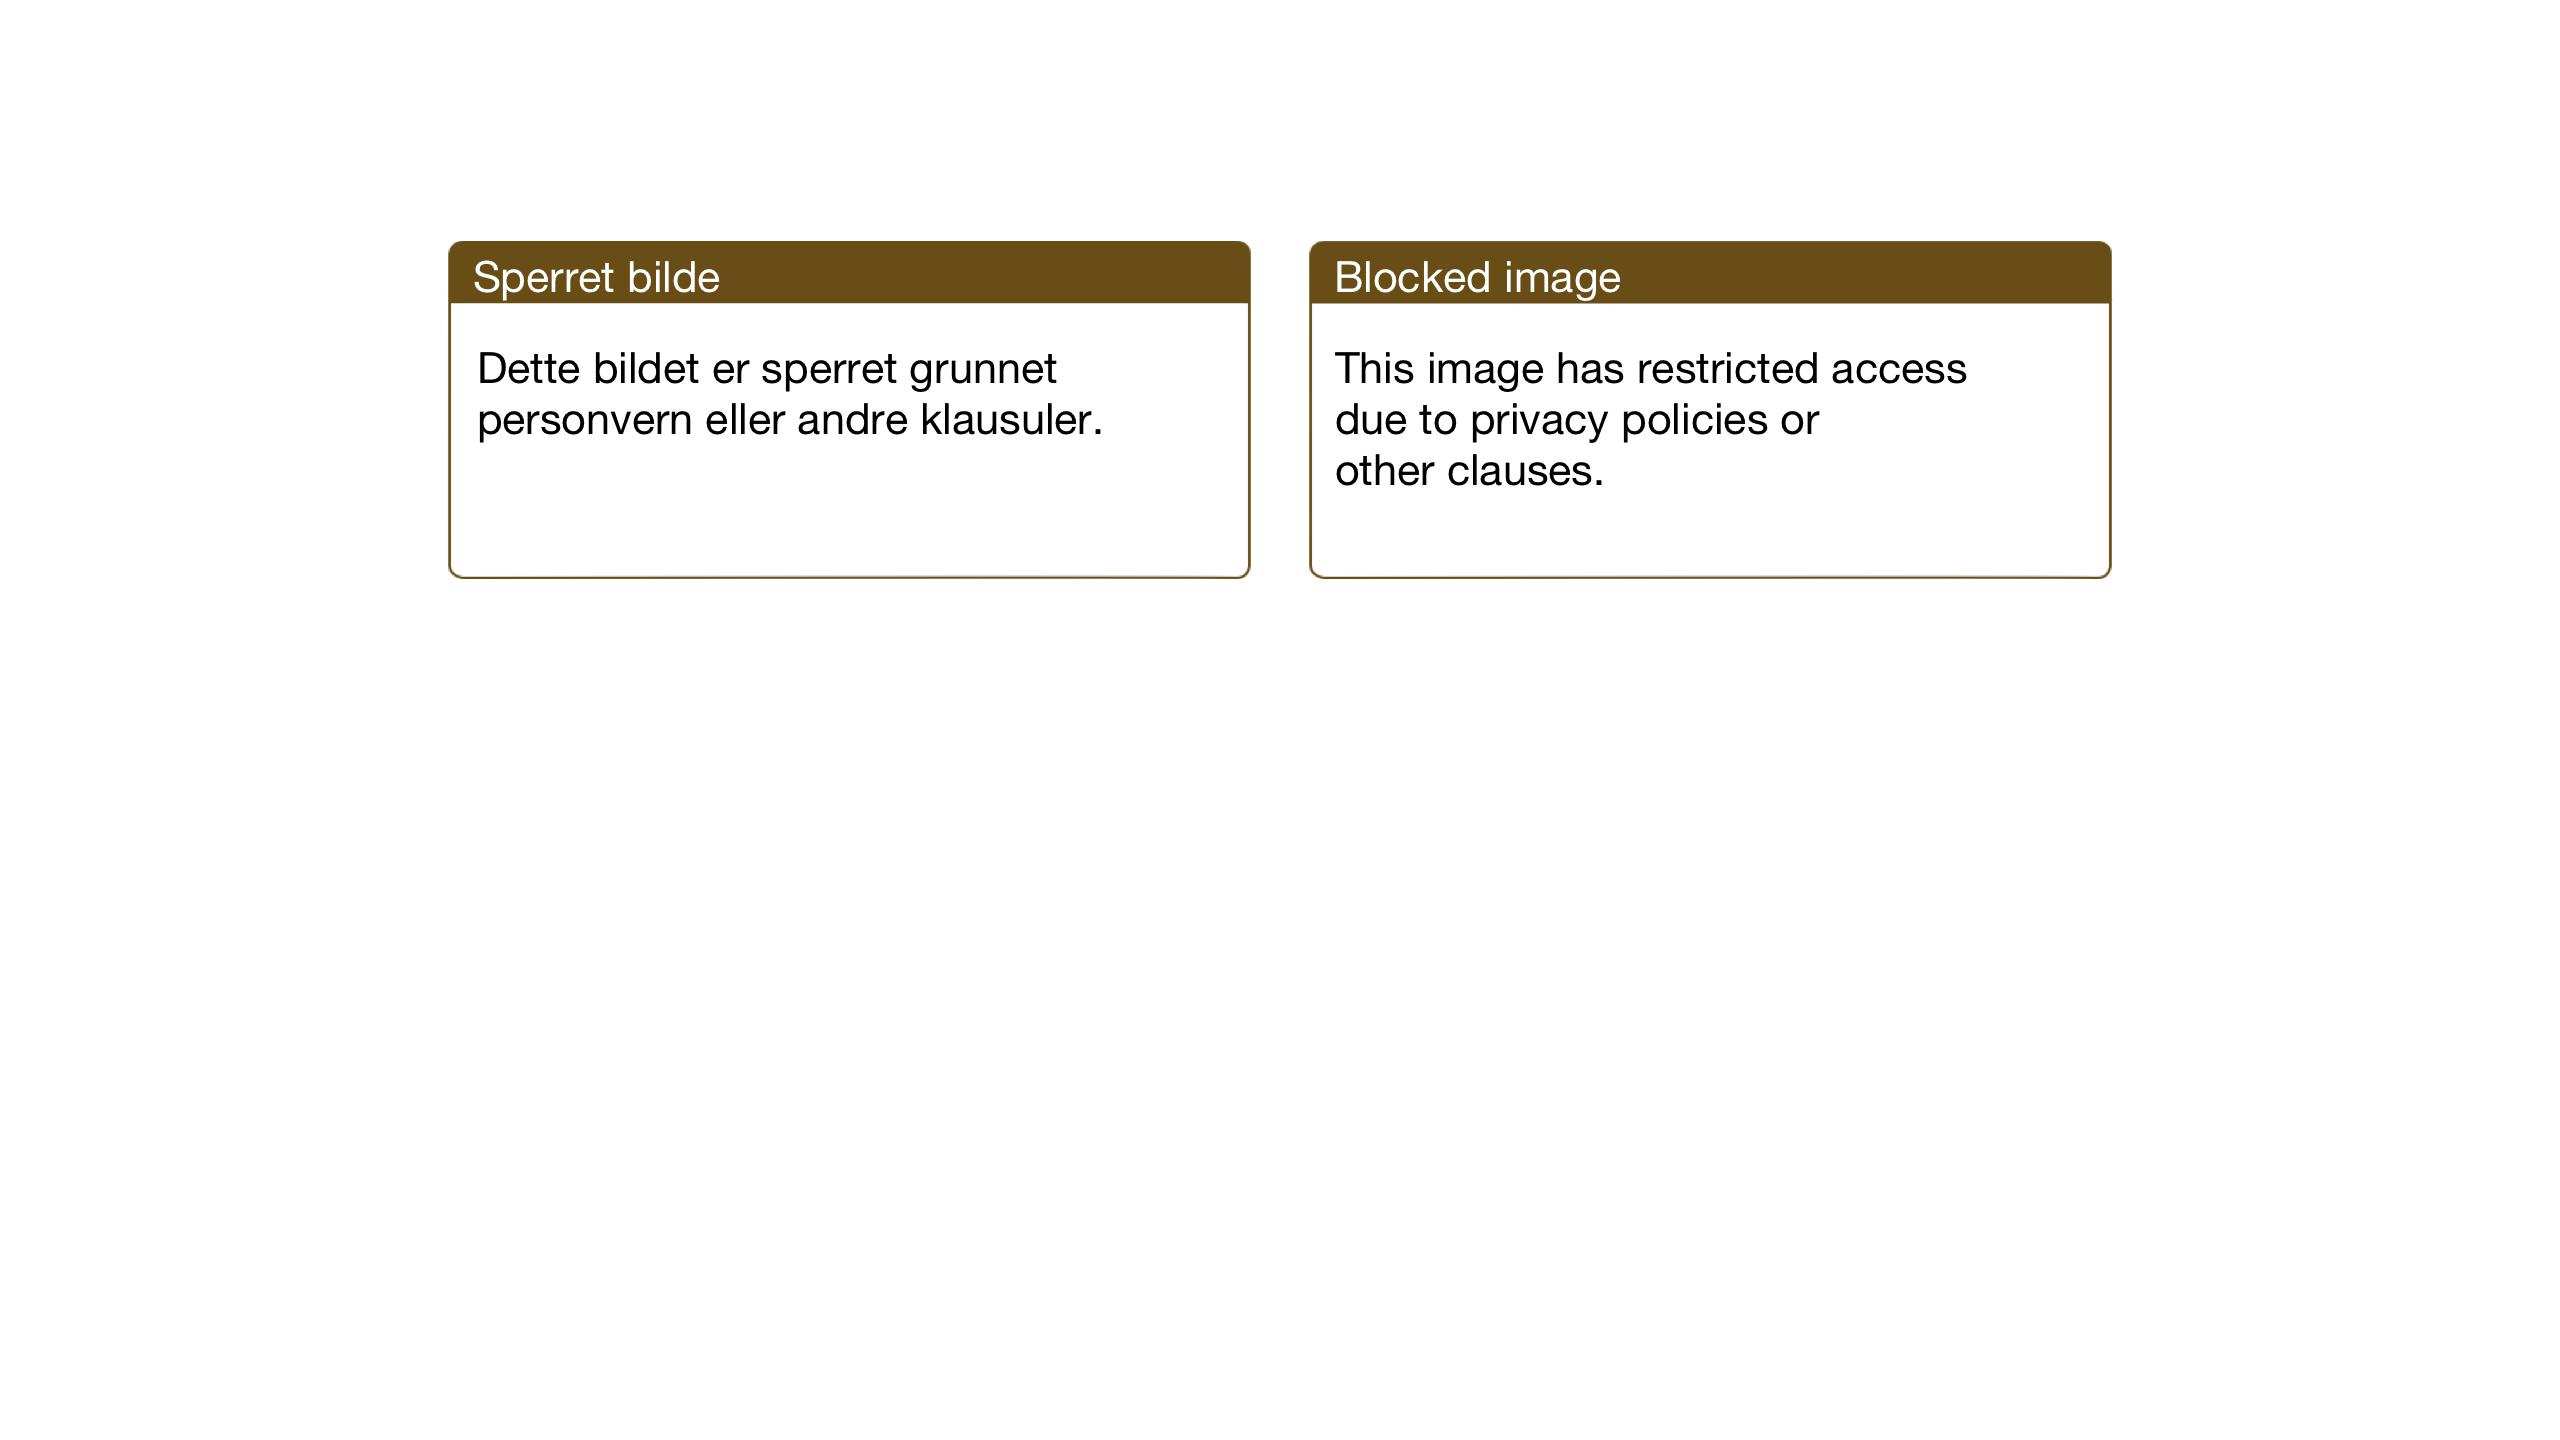 SAT, Ministerialprotokoller, klokkerbøker og fødselsregistre - Nord-Trøndelag, 732/L0319: Klokkerbok nr. 732C03, 1911-1945, s. 77